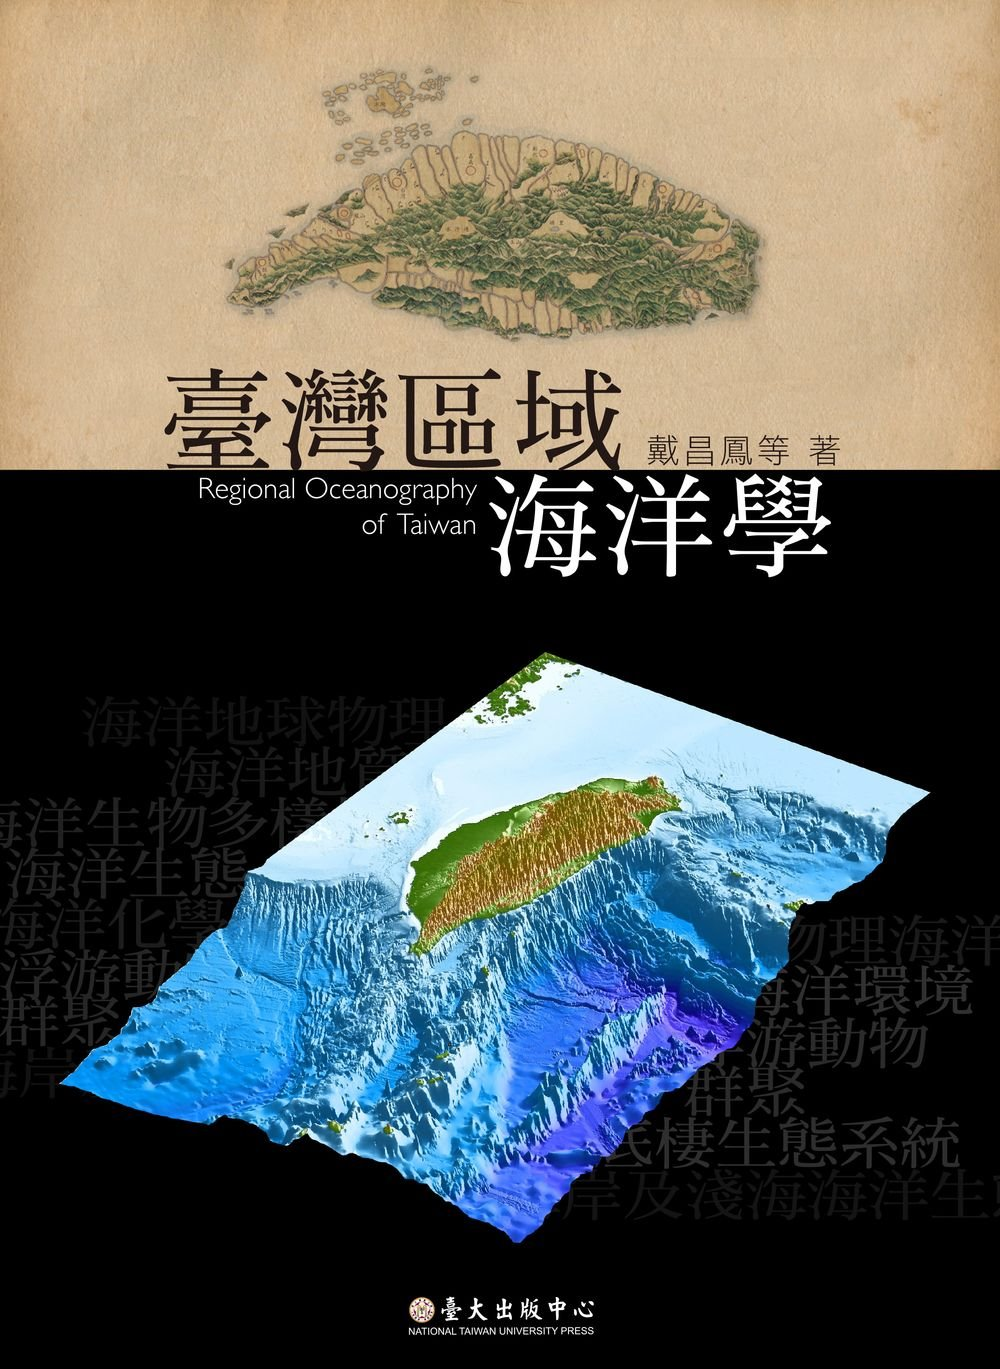 臺灣區域海洋學